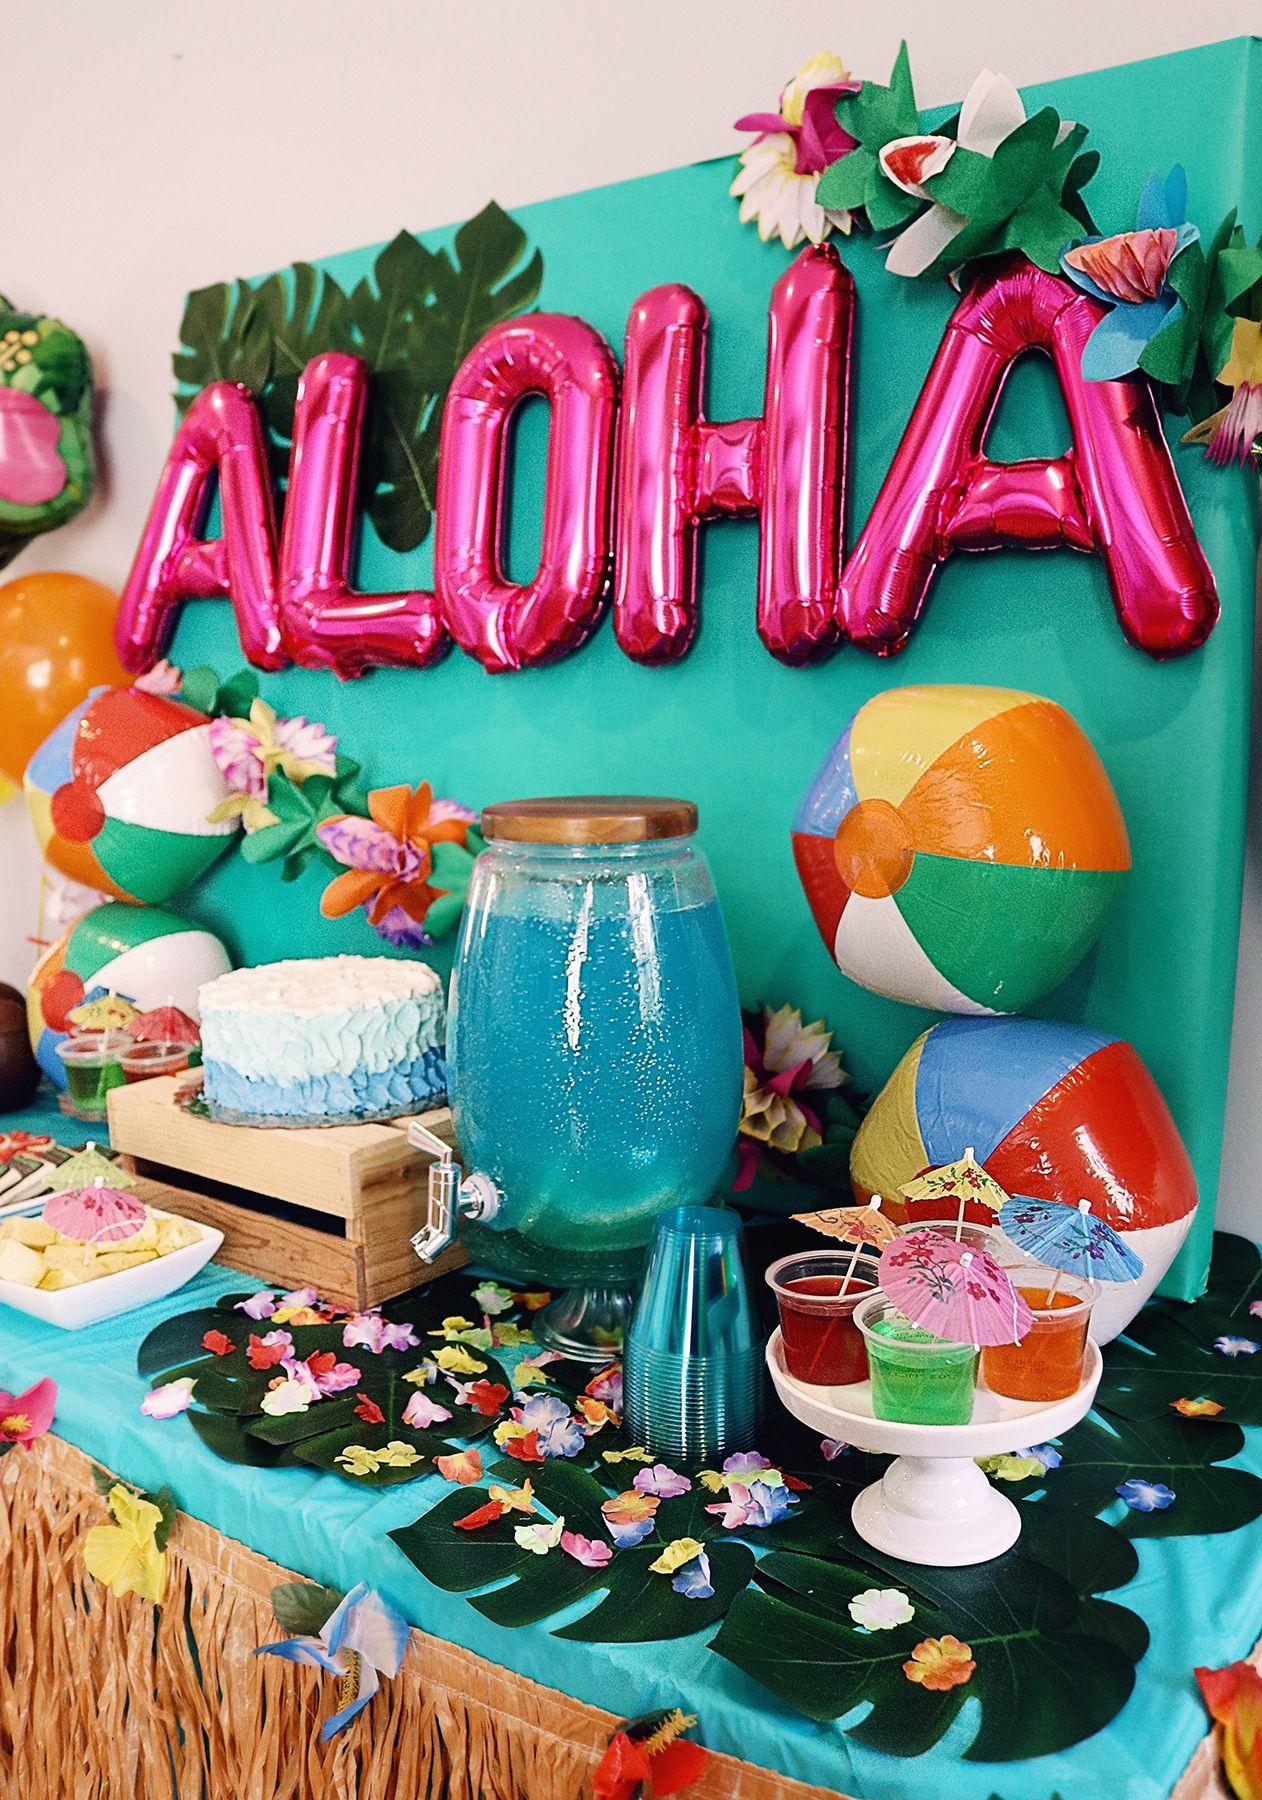 Moana Themed Party - Chanel Moving Forward #hawaiianluauparty